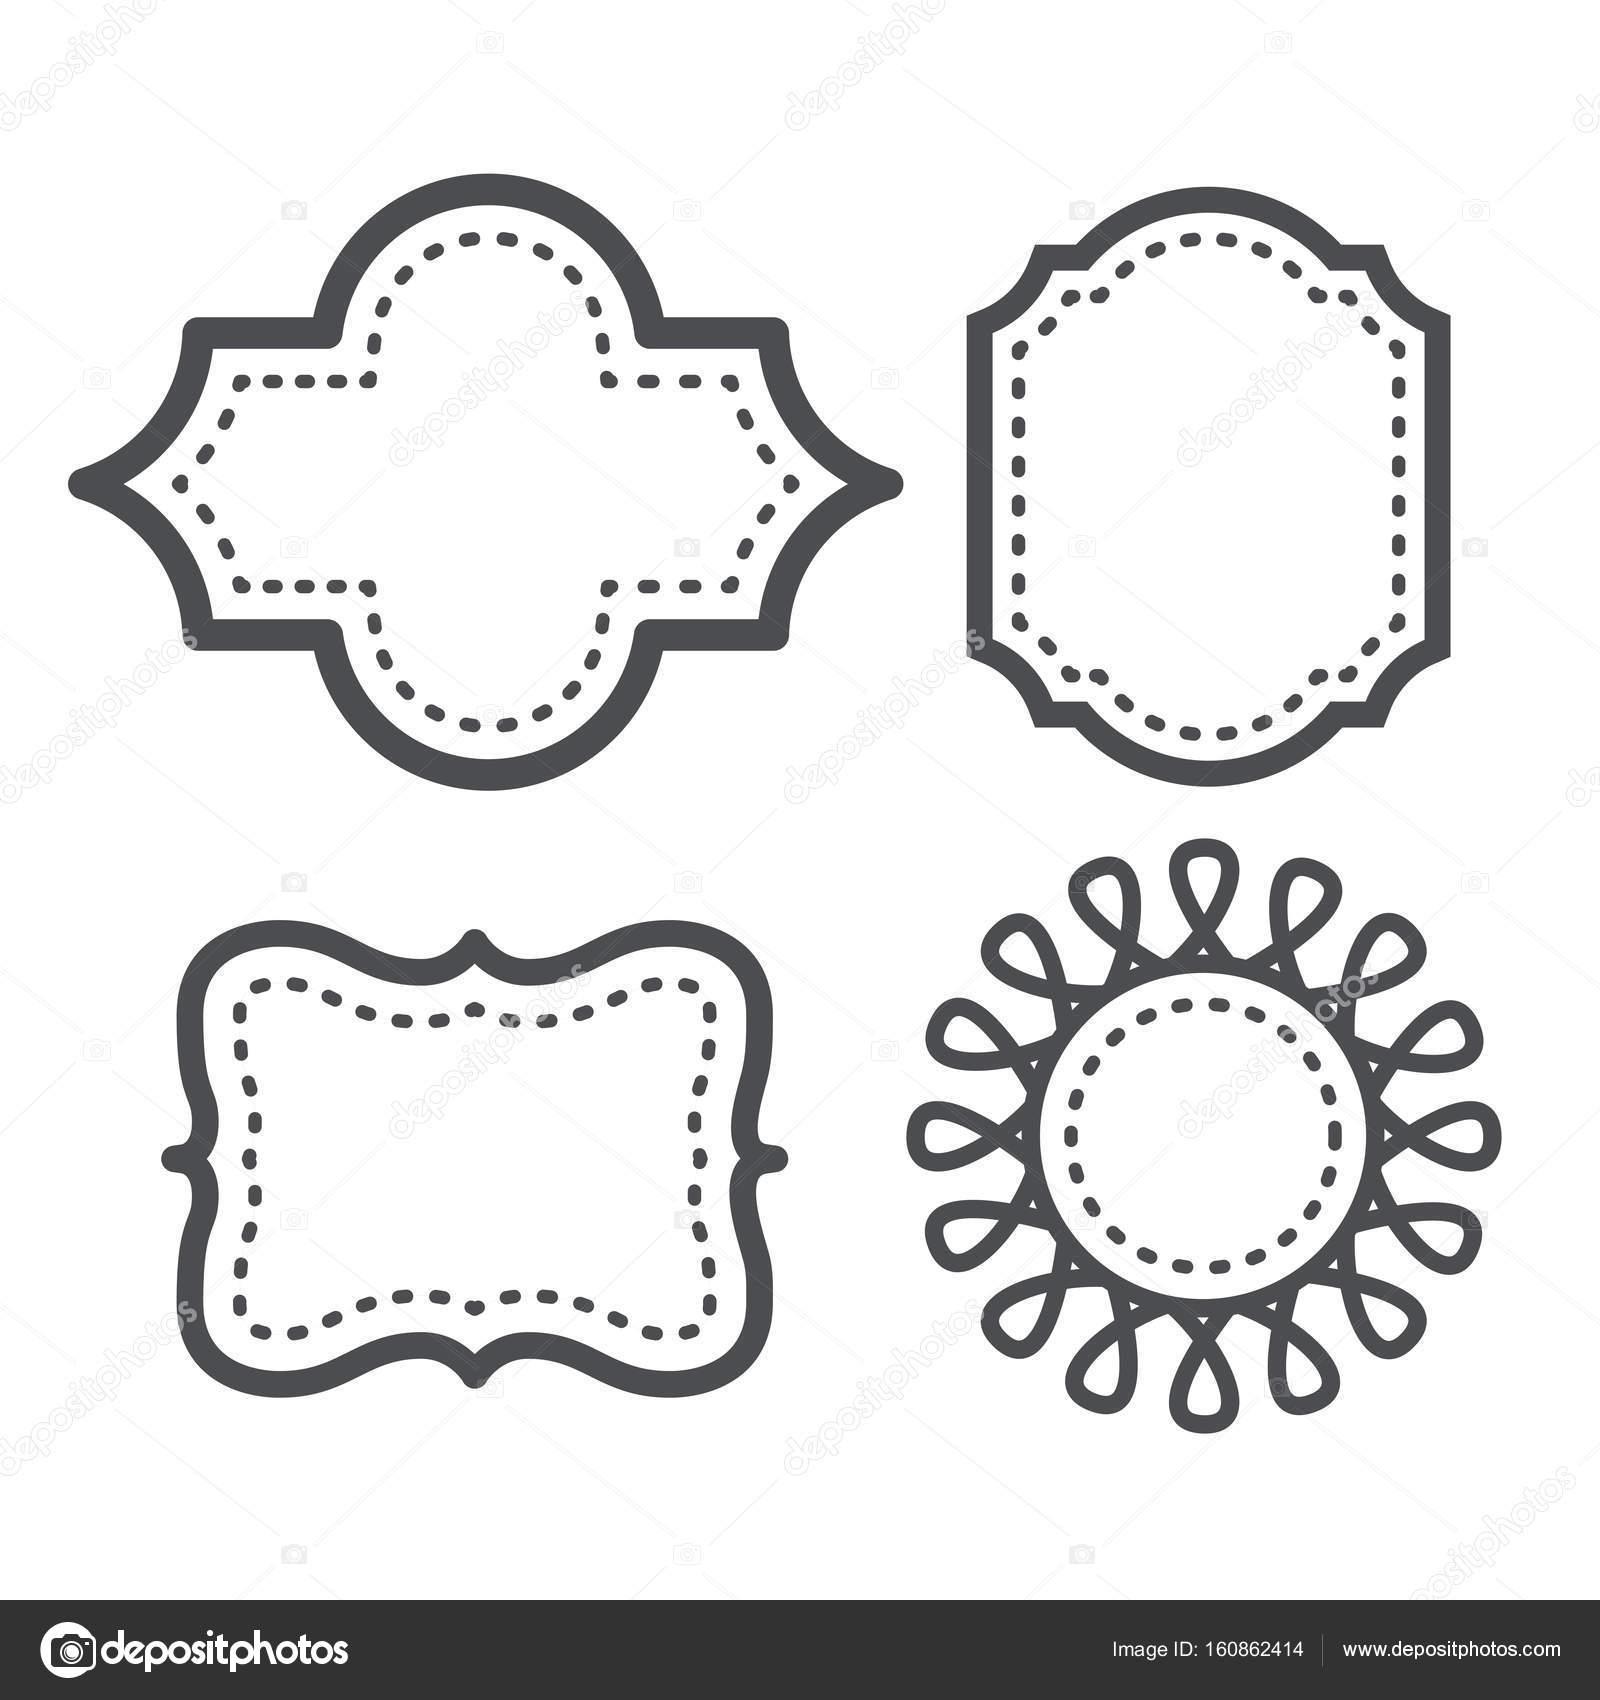 Ogee marcos para tarjetas de felicitación o invitaciones de boda ...